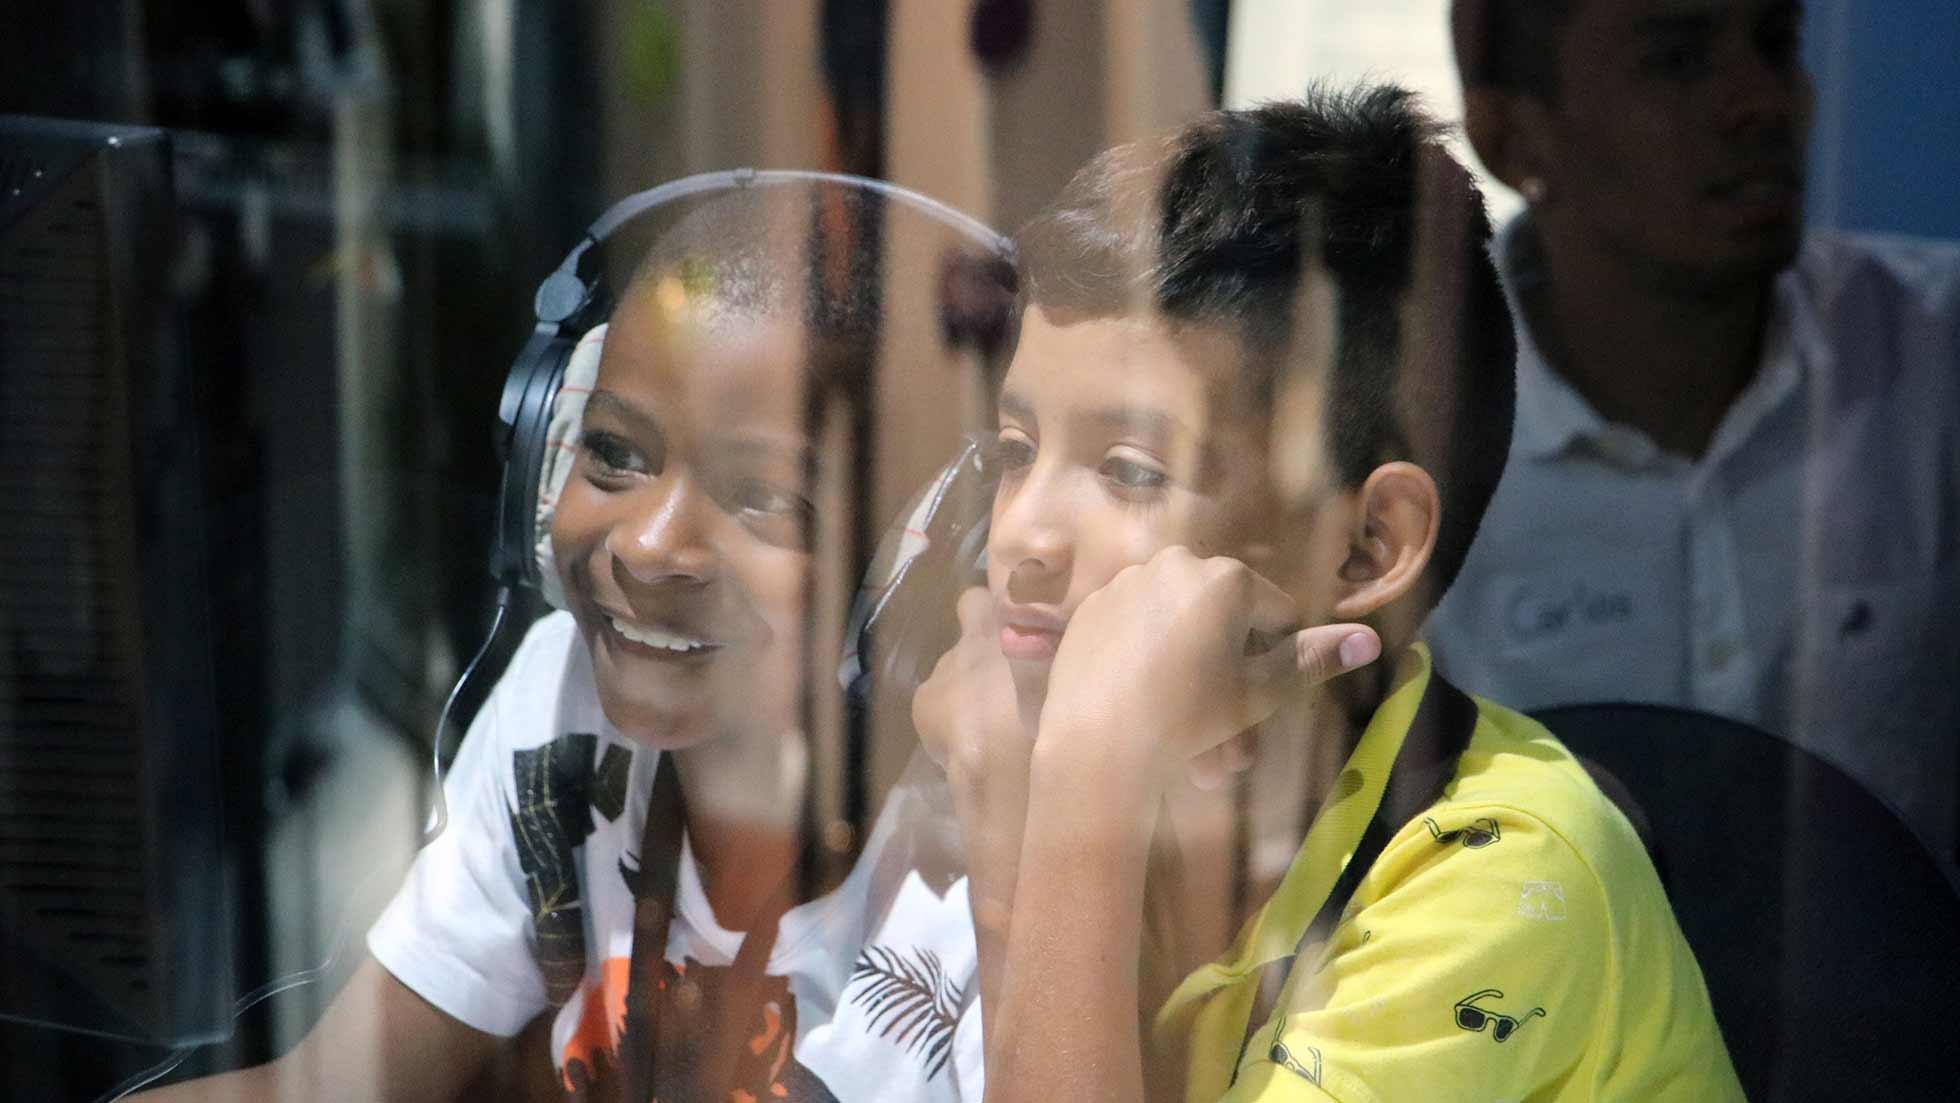 Niños niñas y adolescentes en Cali, Colombia